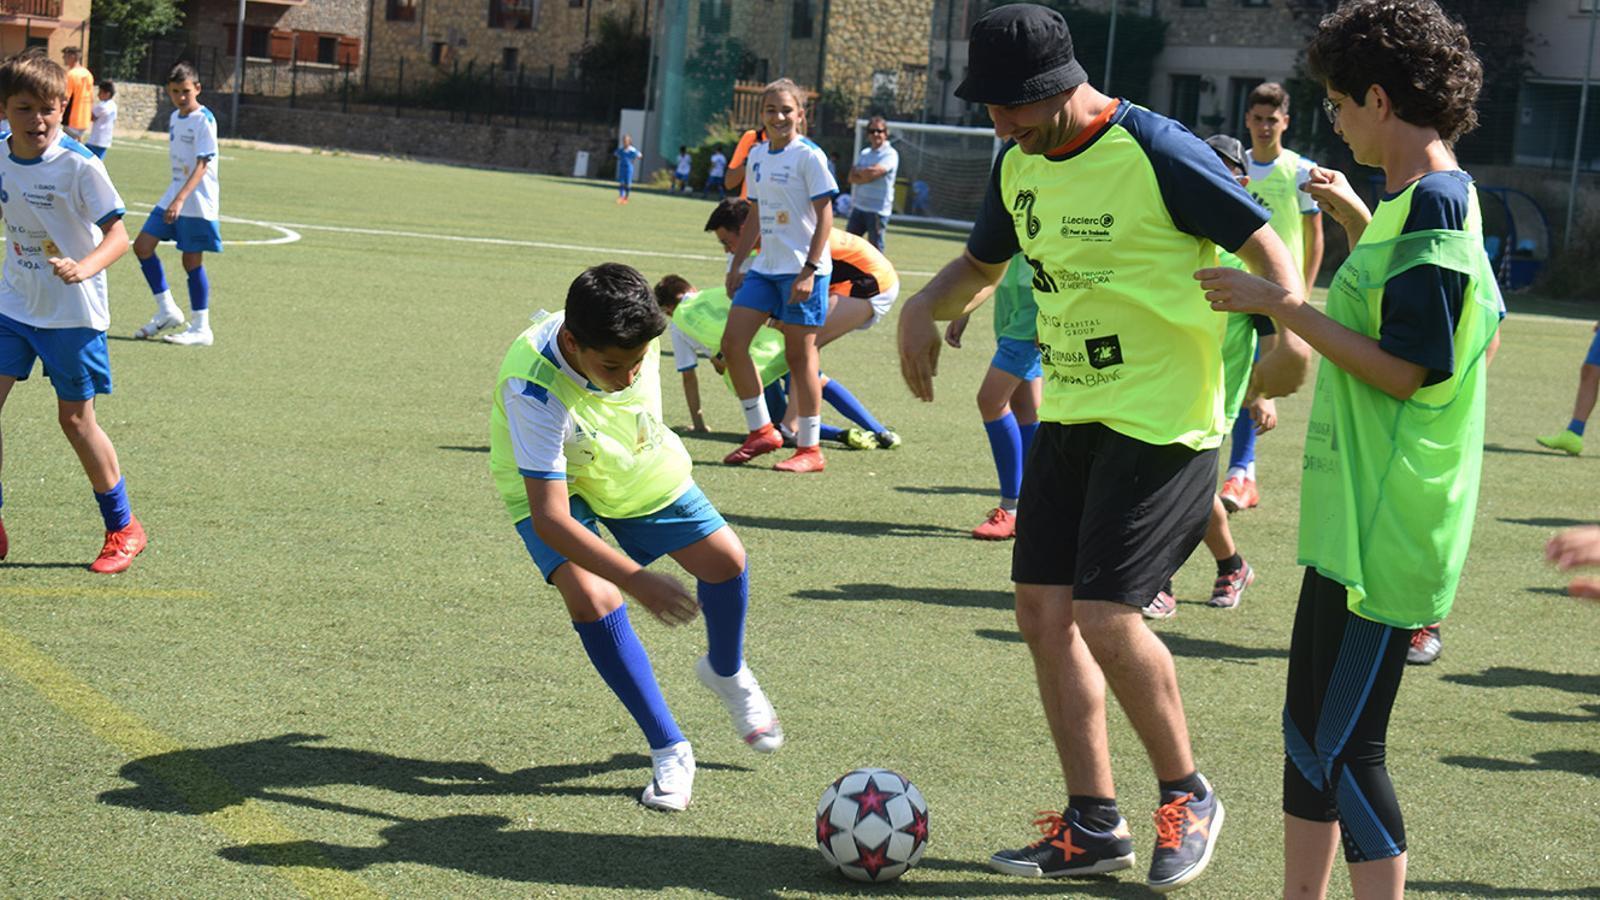 La sessió esportiva i inclusiva. / FPNSM